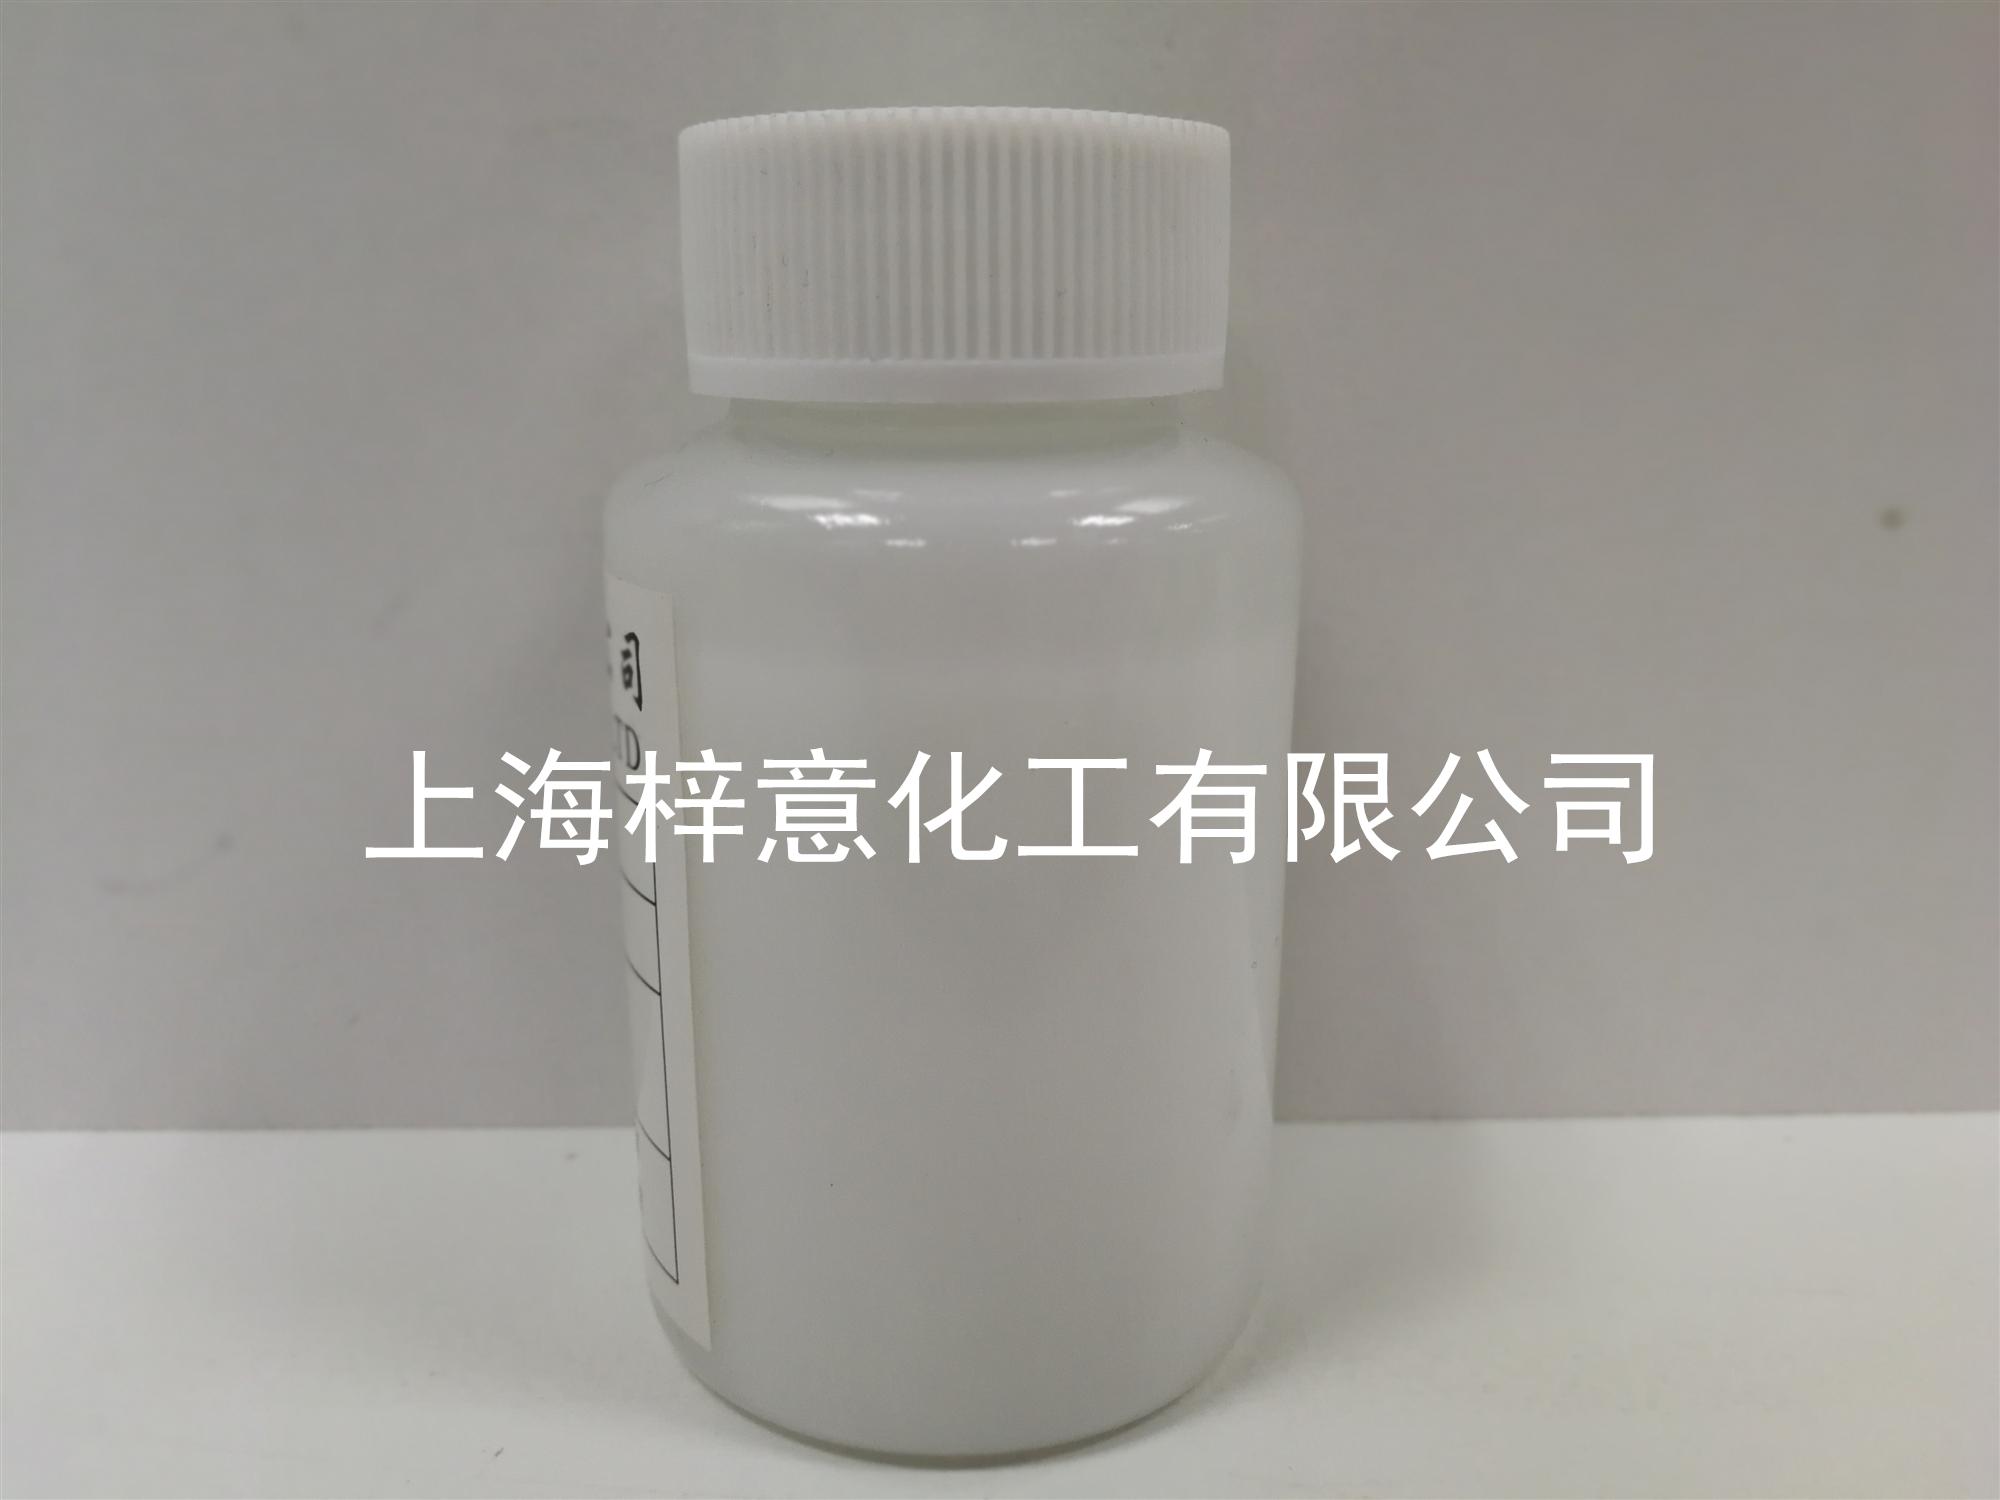 陕西聚氨酯消泡剂 以客为尊 梓意供应